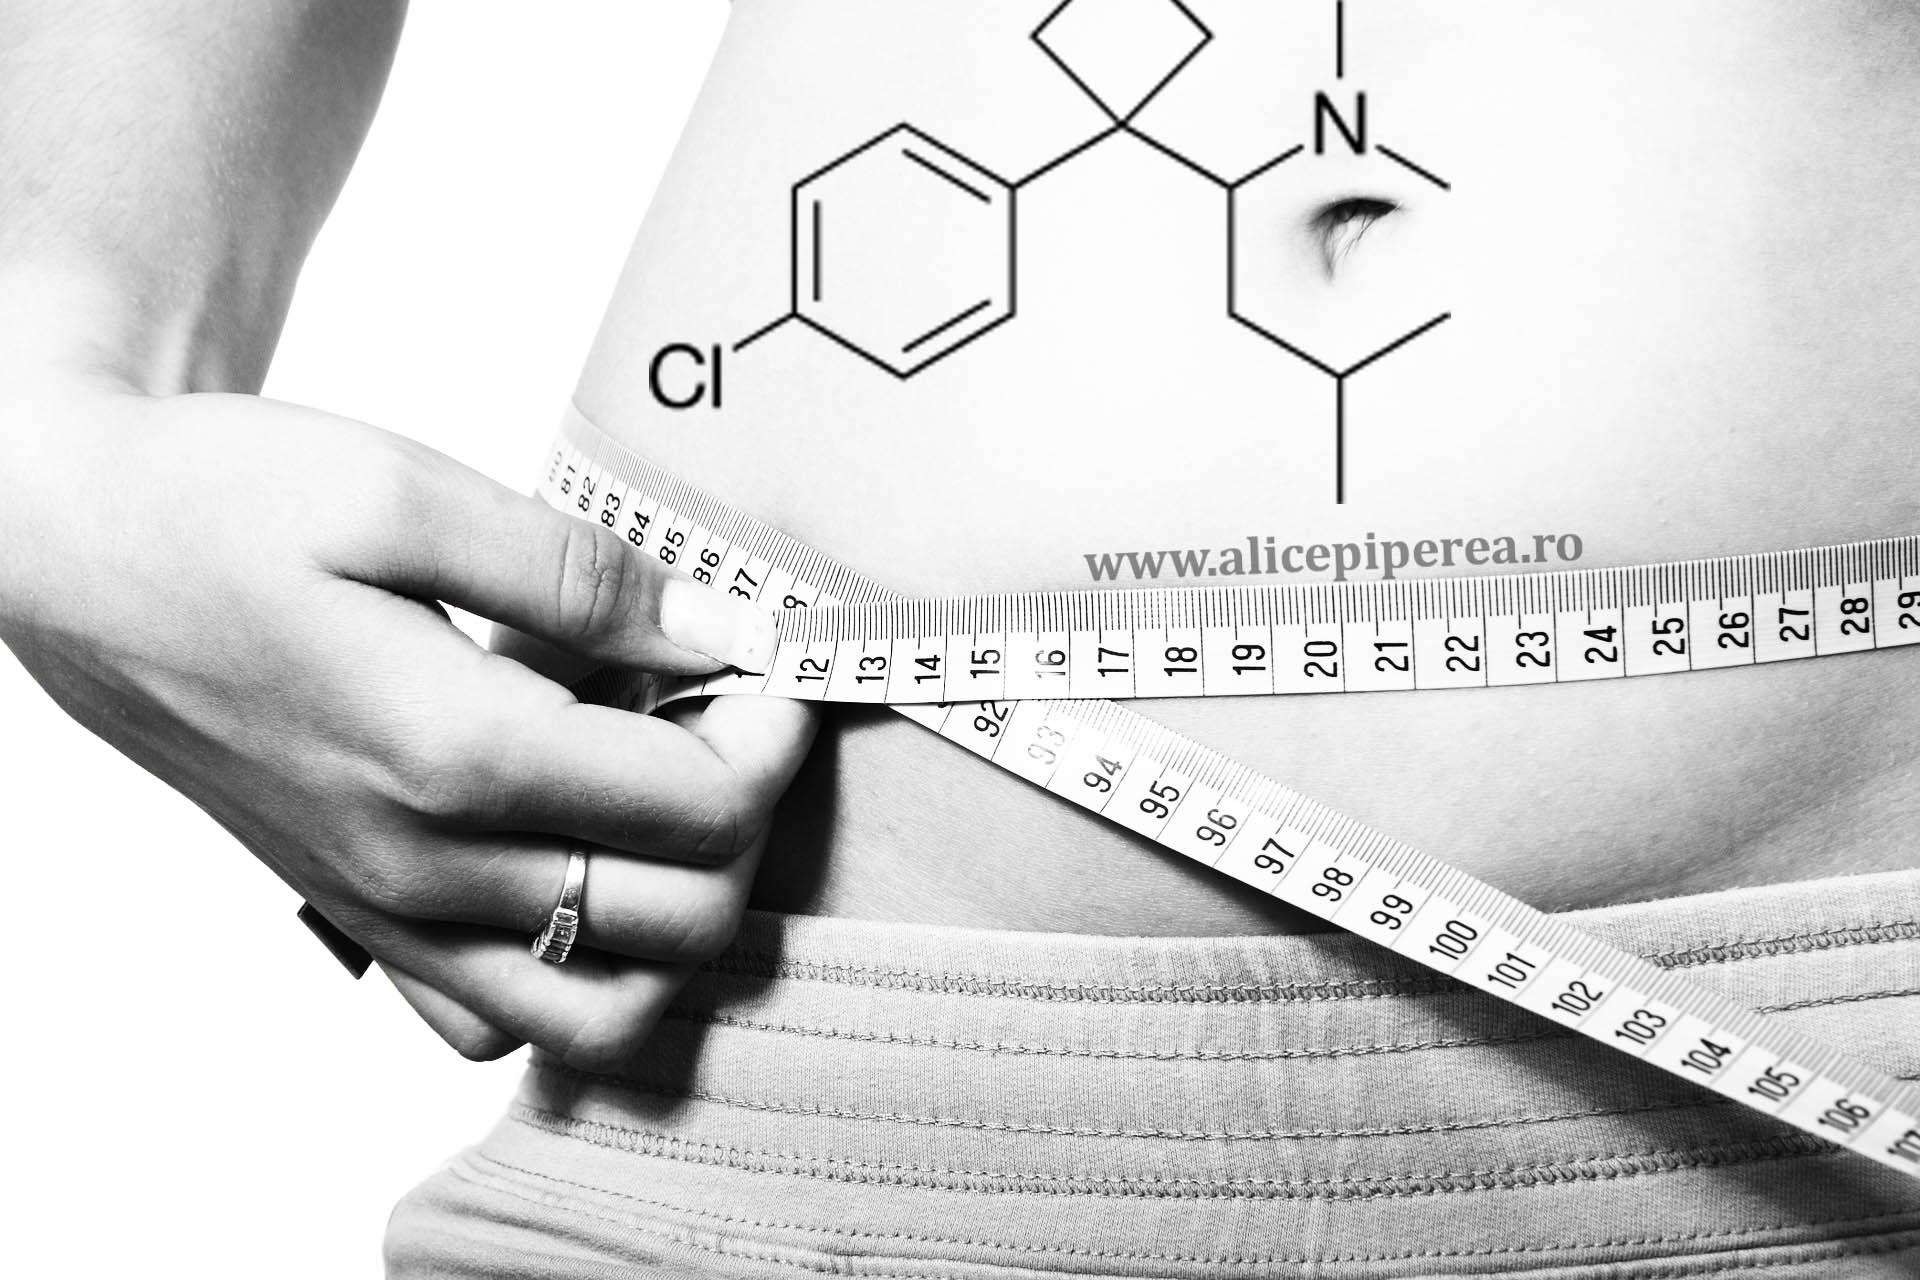 Revista de dieta Jenny Craig: funcționează pentru pierderea în greutate?